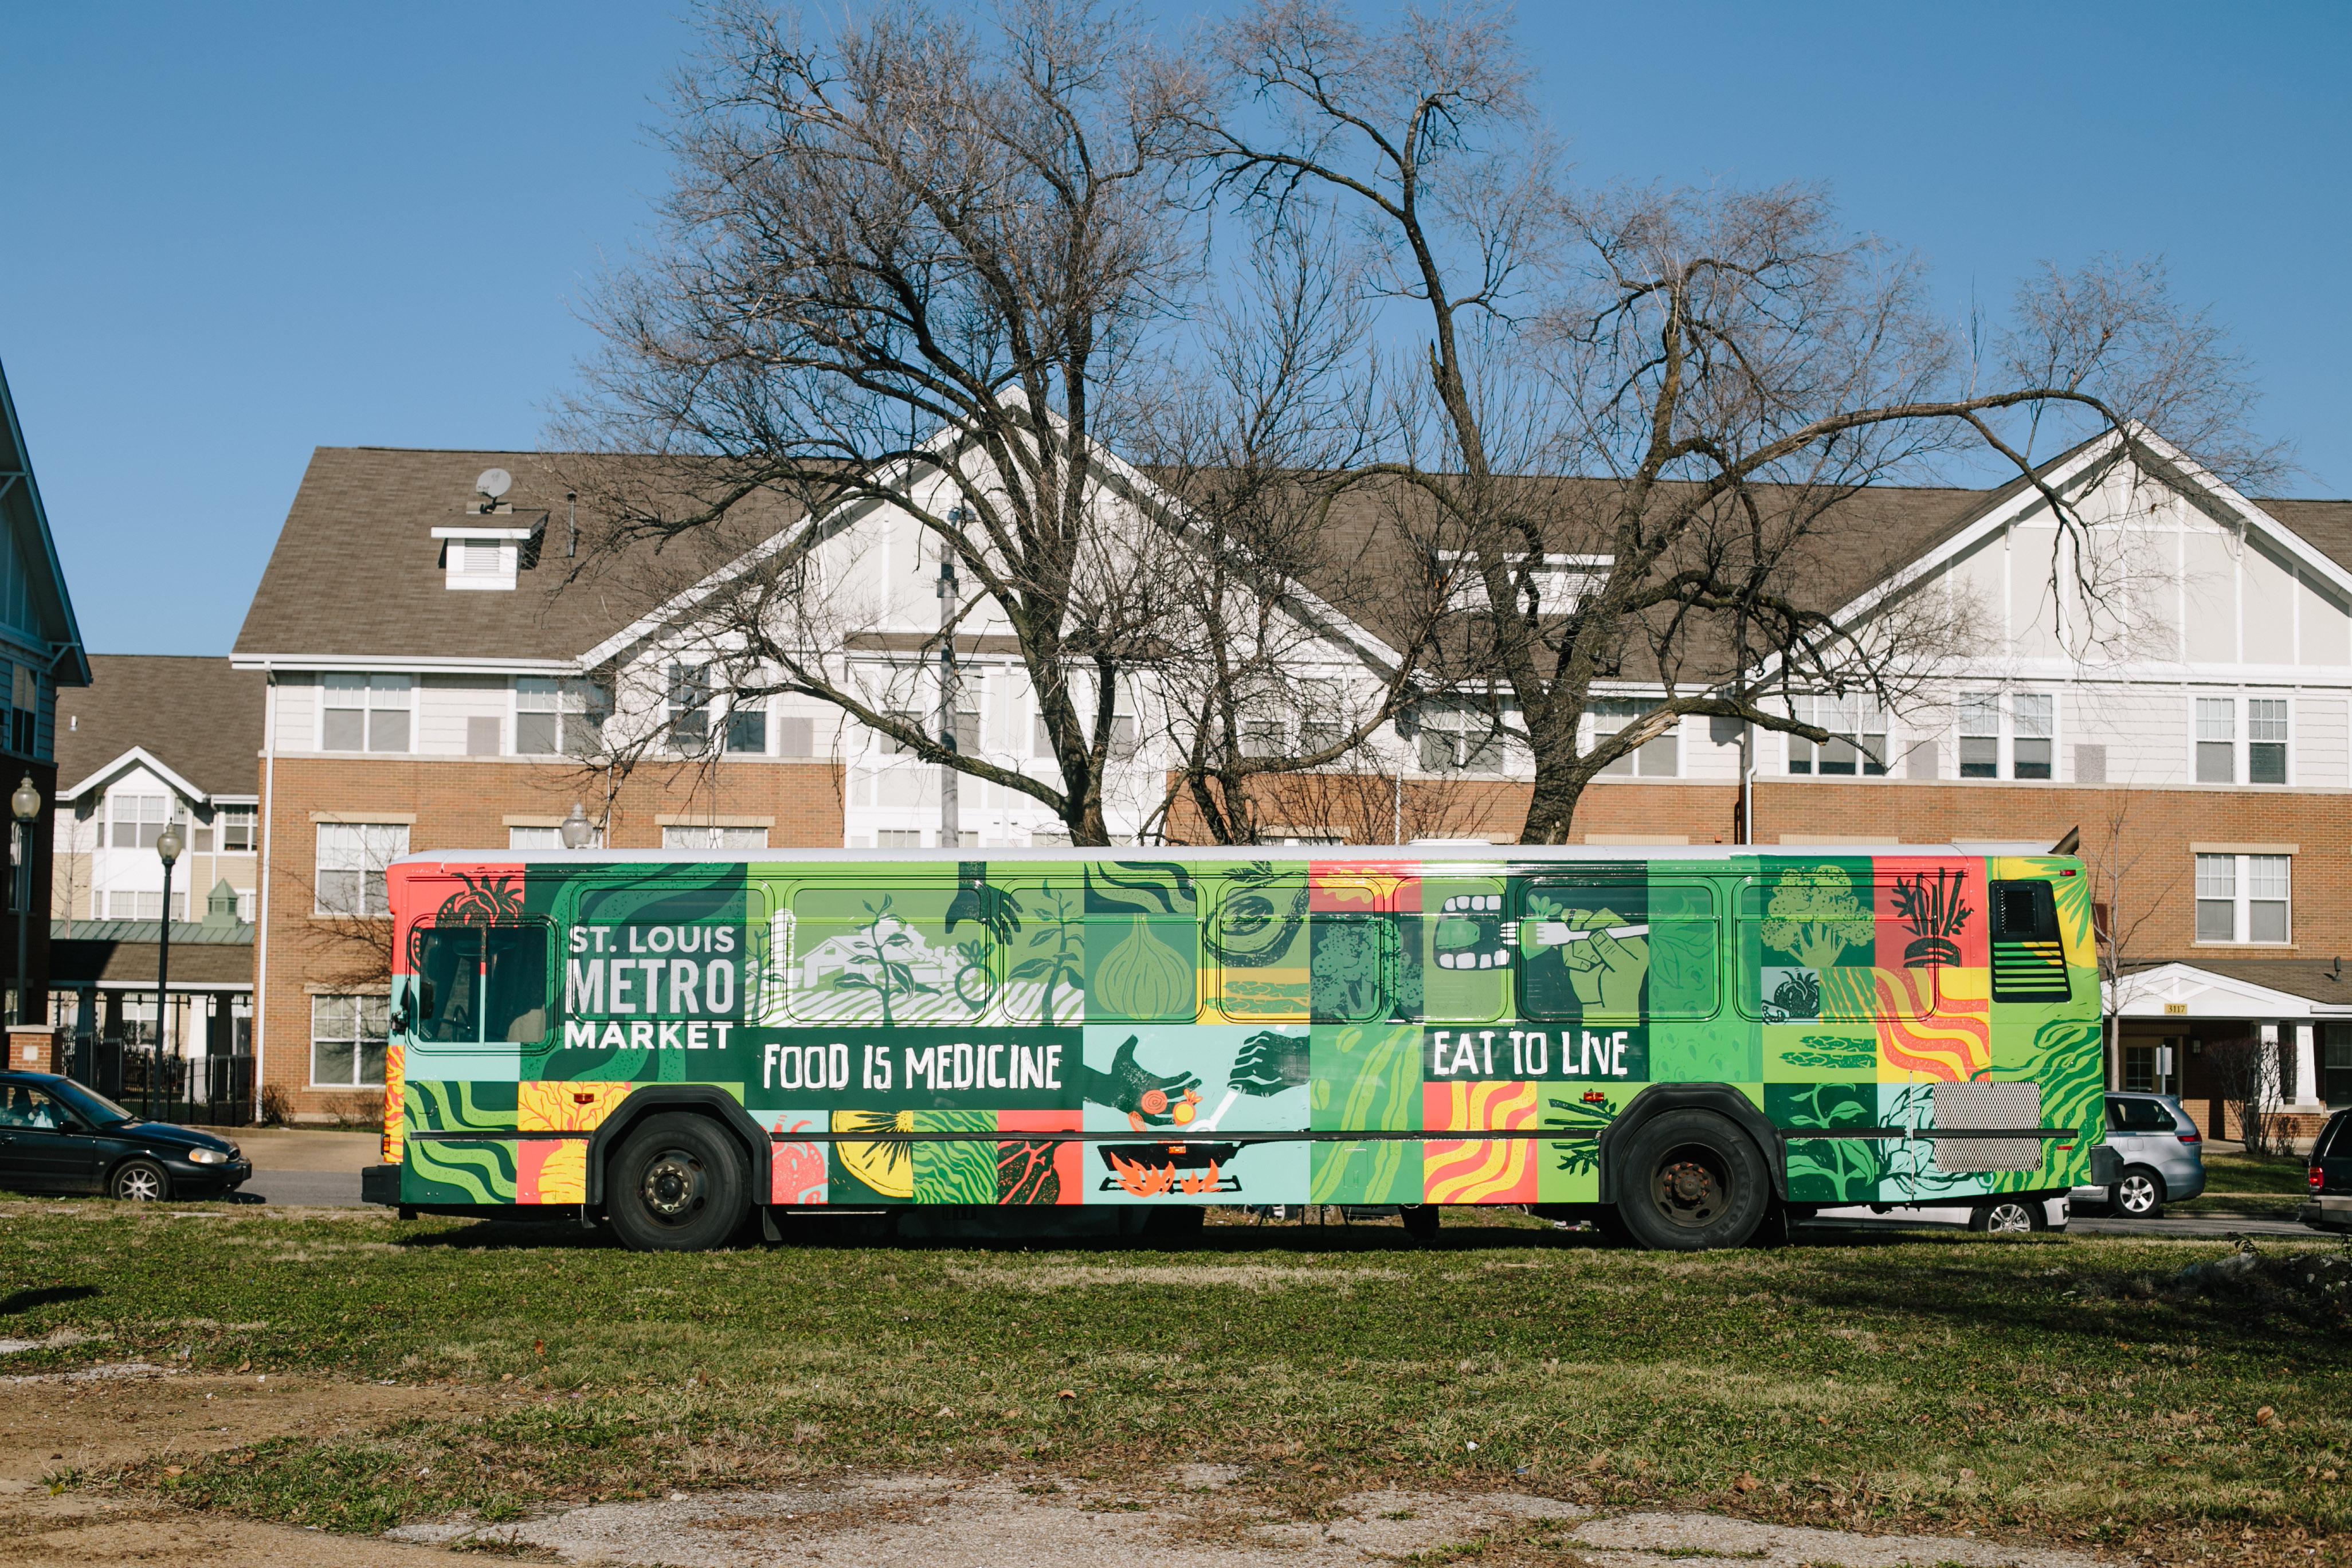 Stl metromarket bus